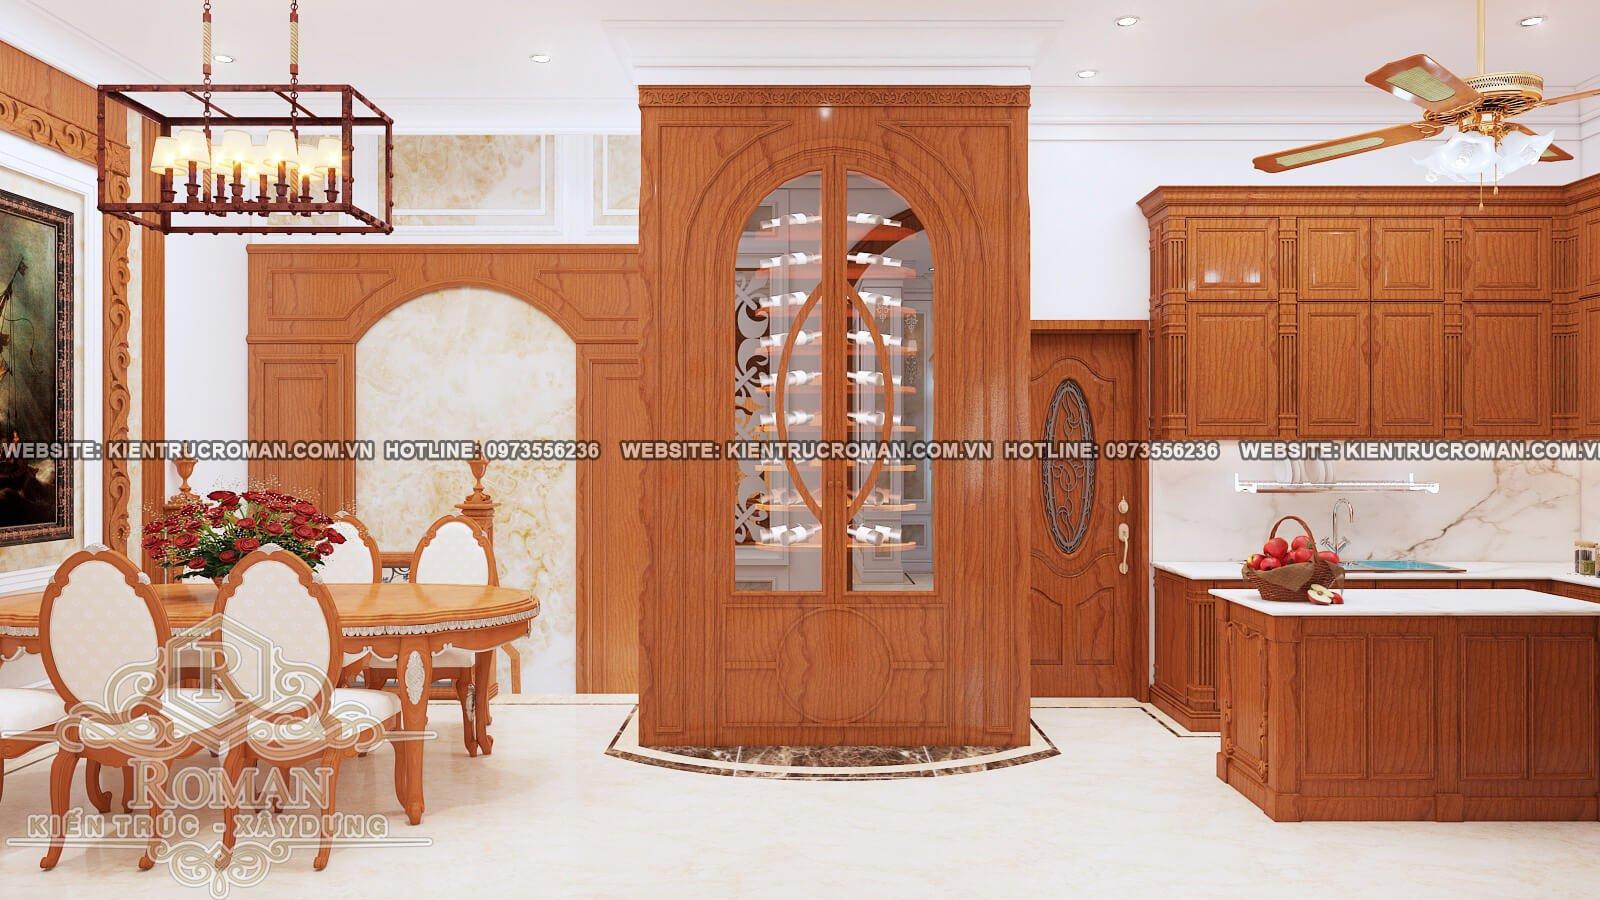 nhà bếp và phòng ăn thiết kế biệt thự phố đẹp kiểu cổ điển